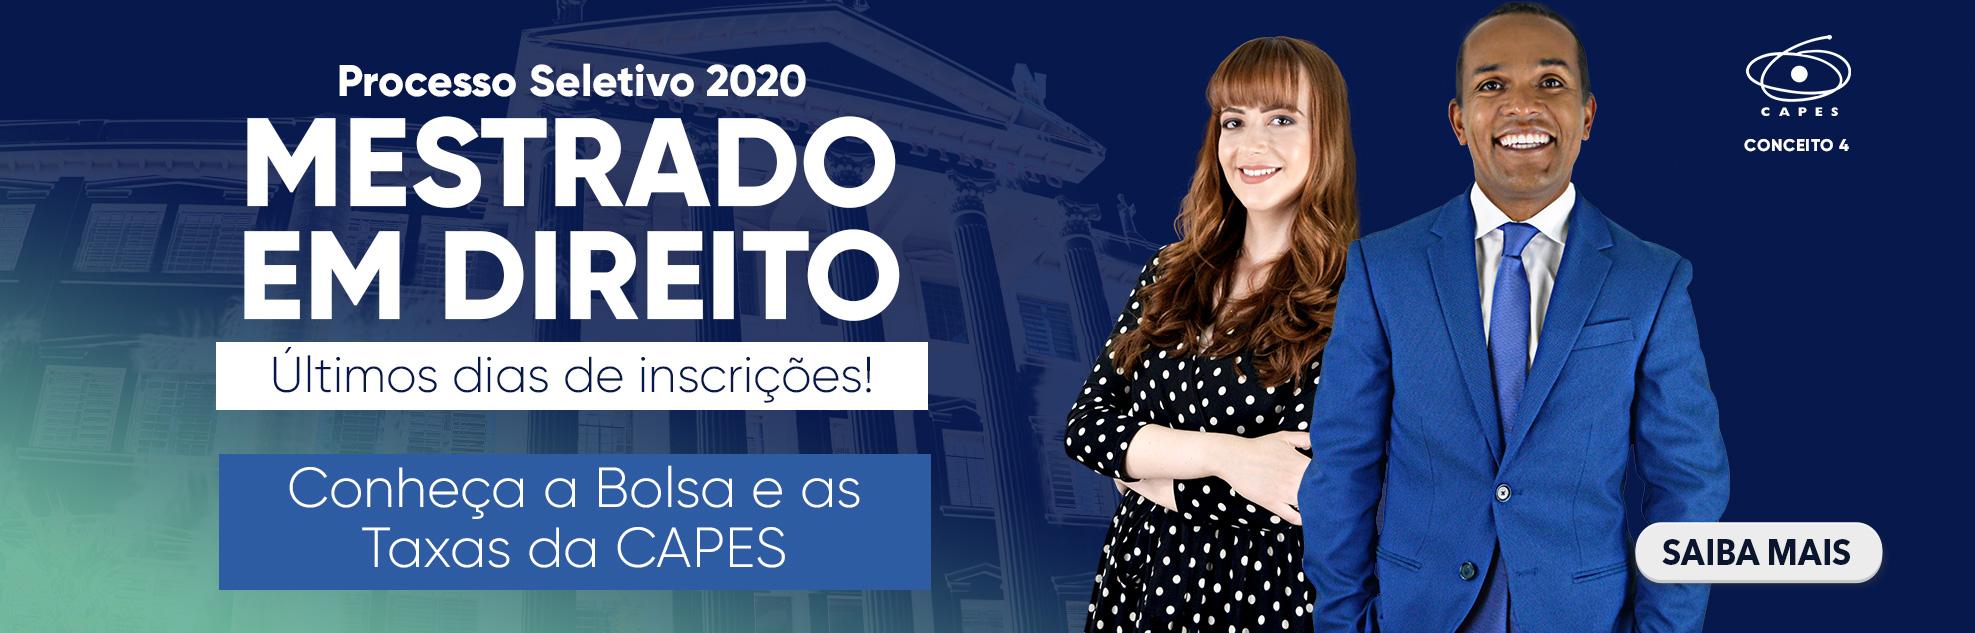 PROCESSO SELETIVO DO MESTRADO 2020